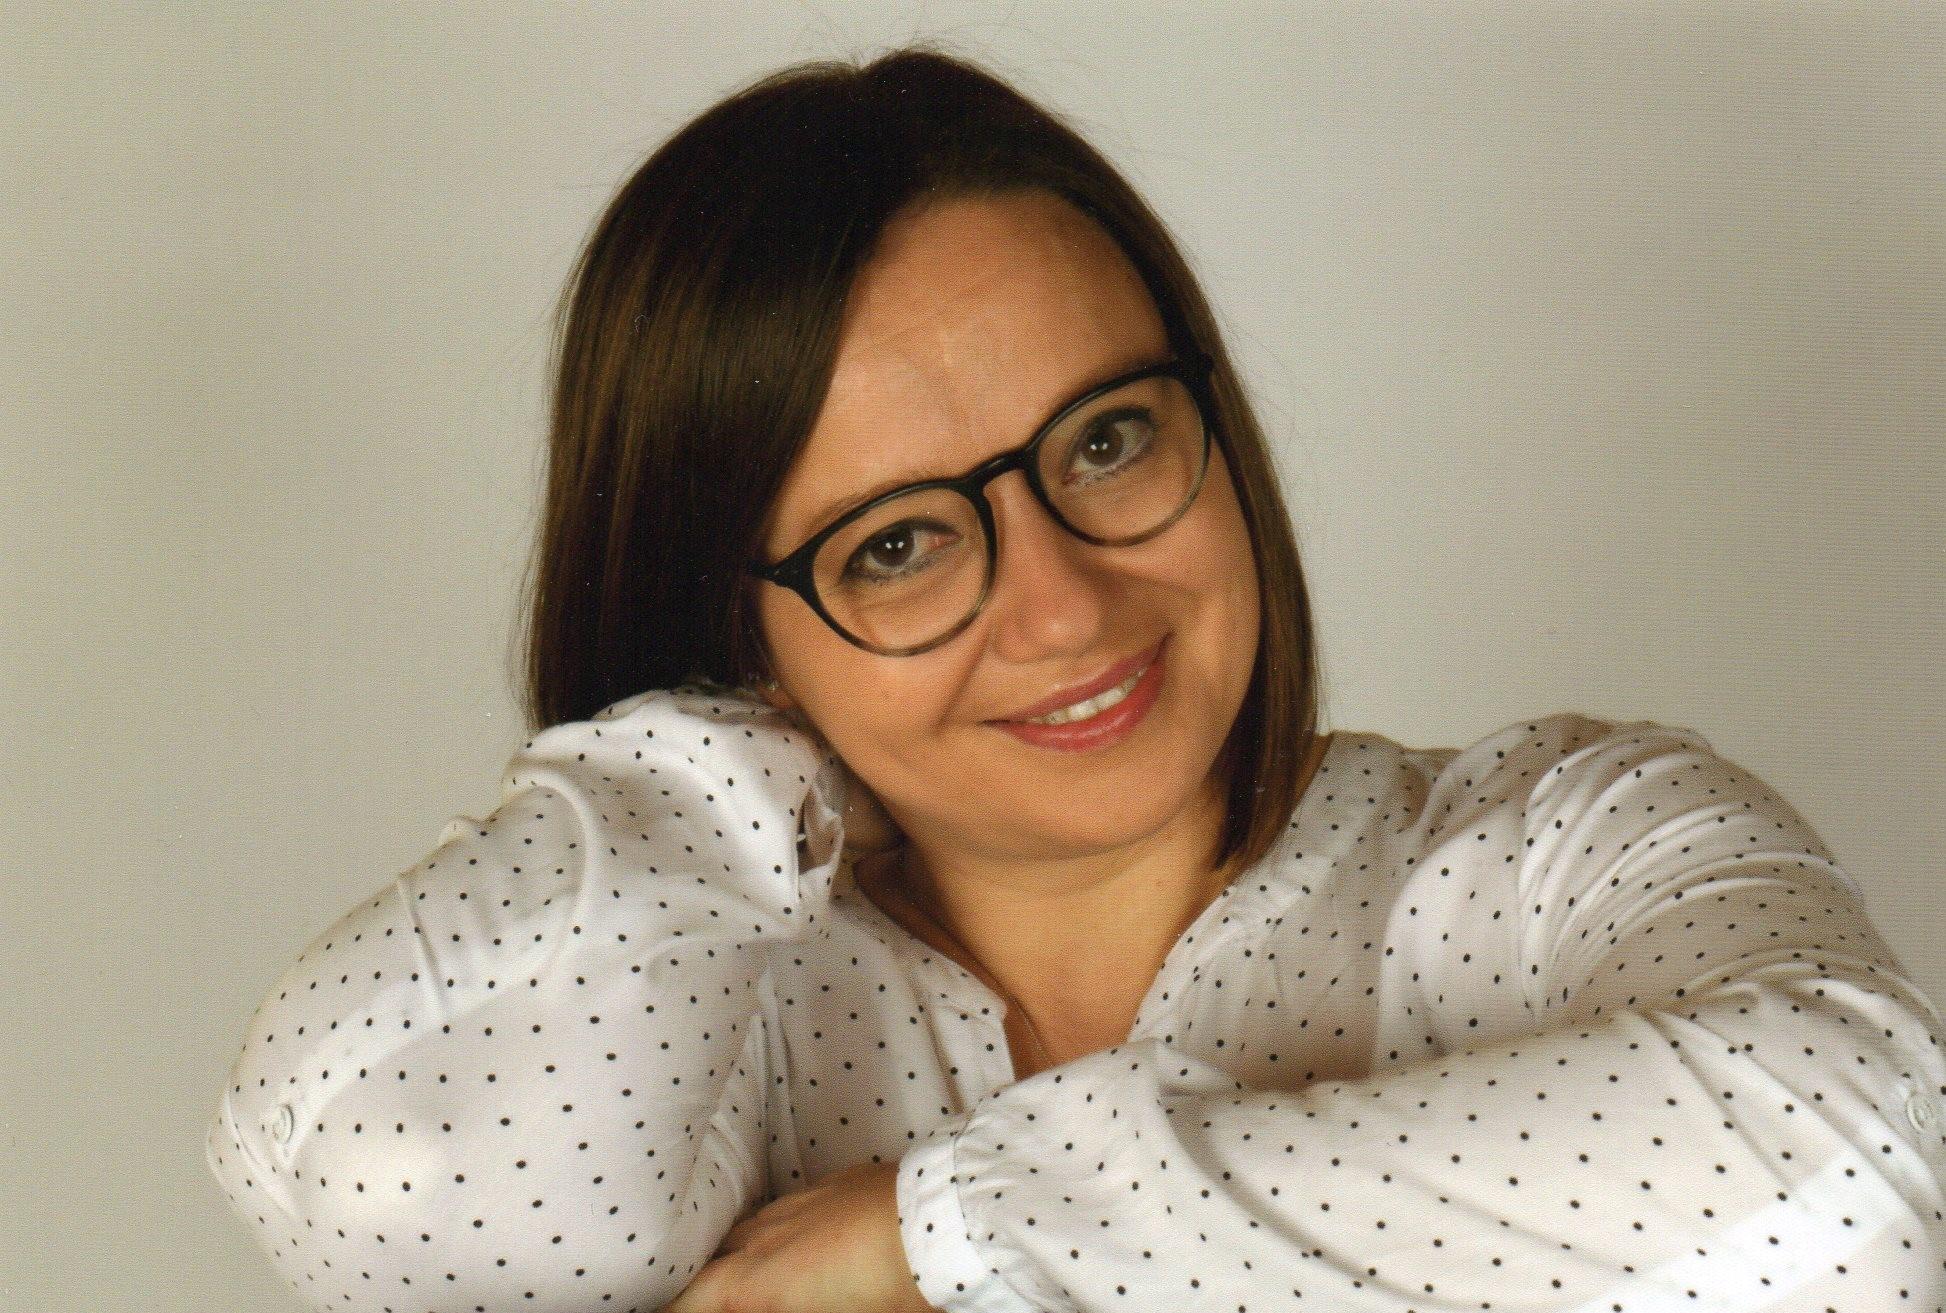 Bernadette Mattern